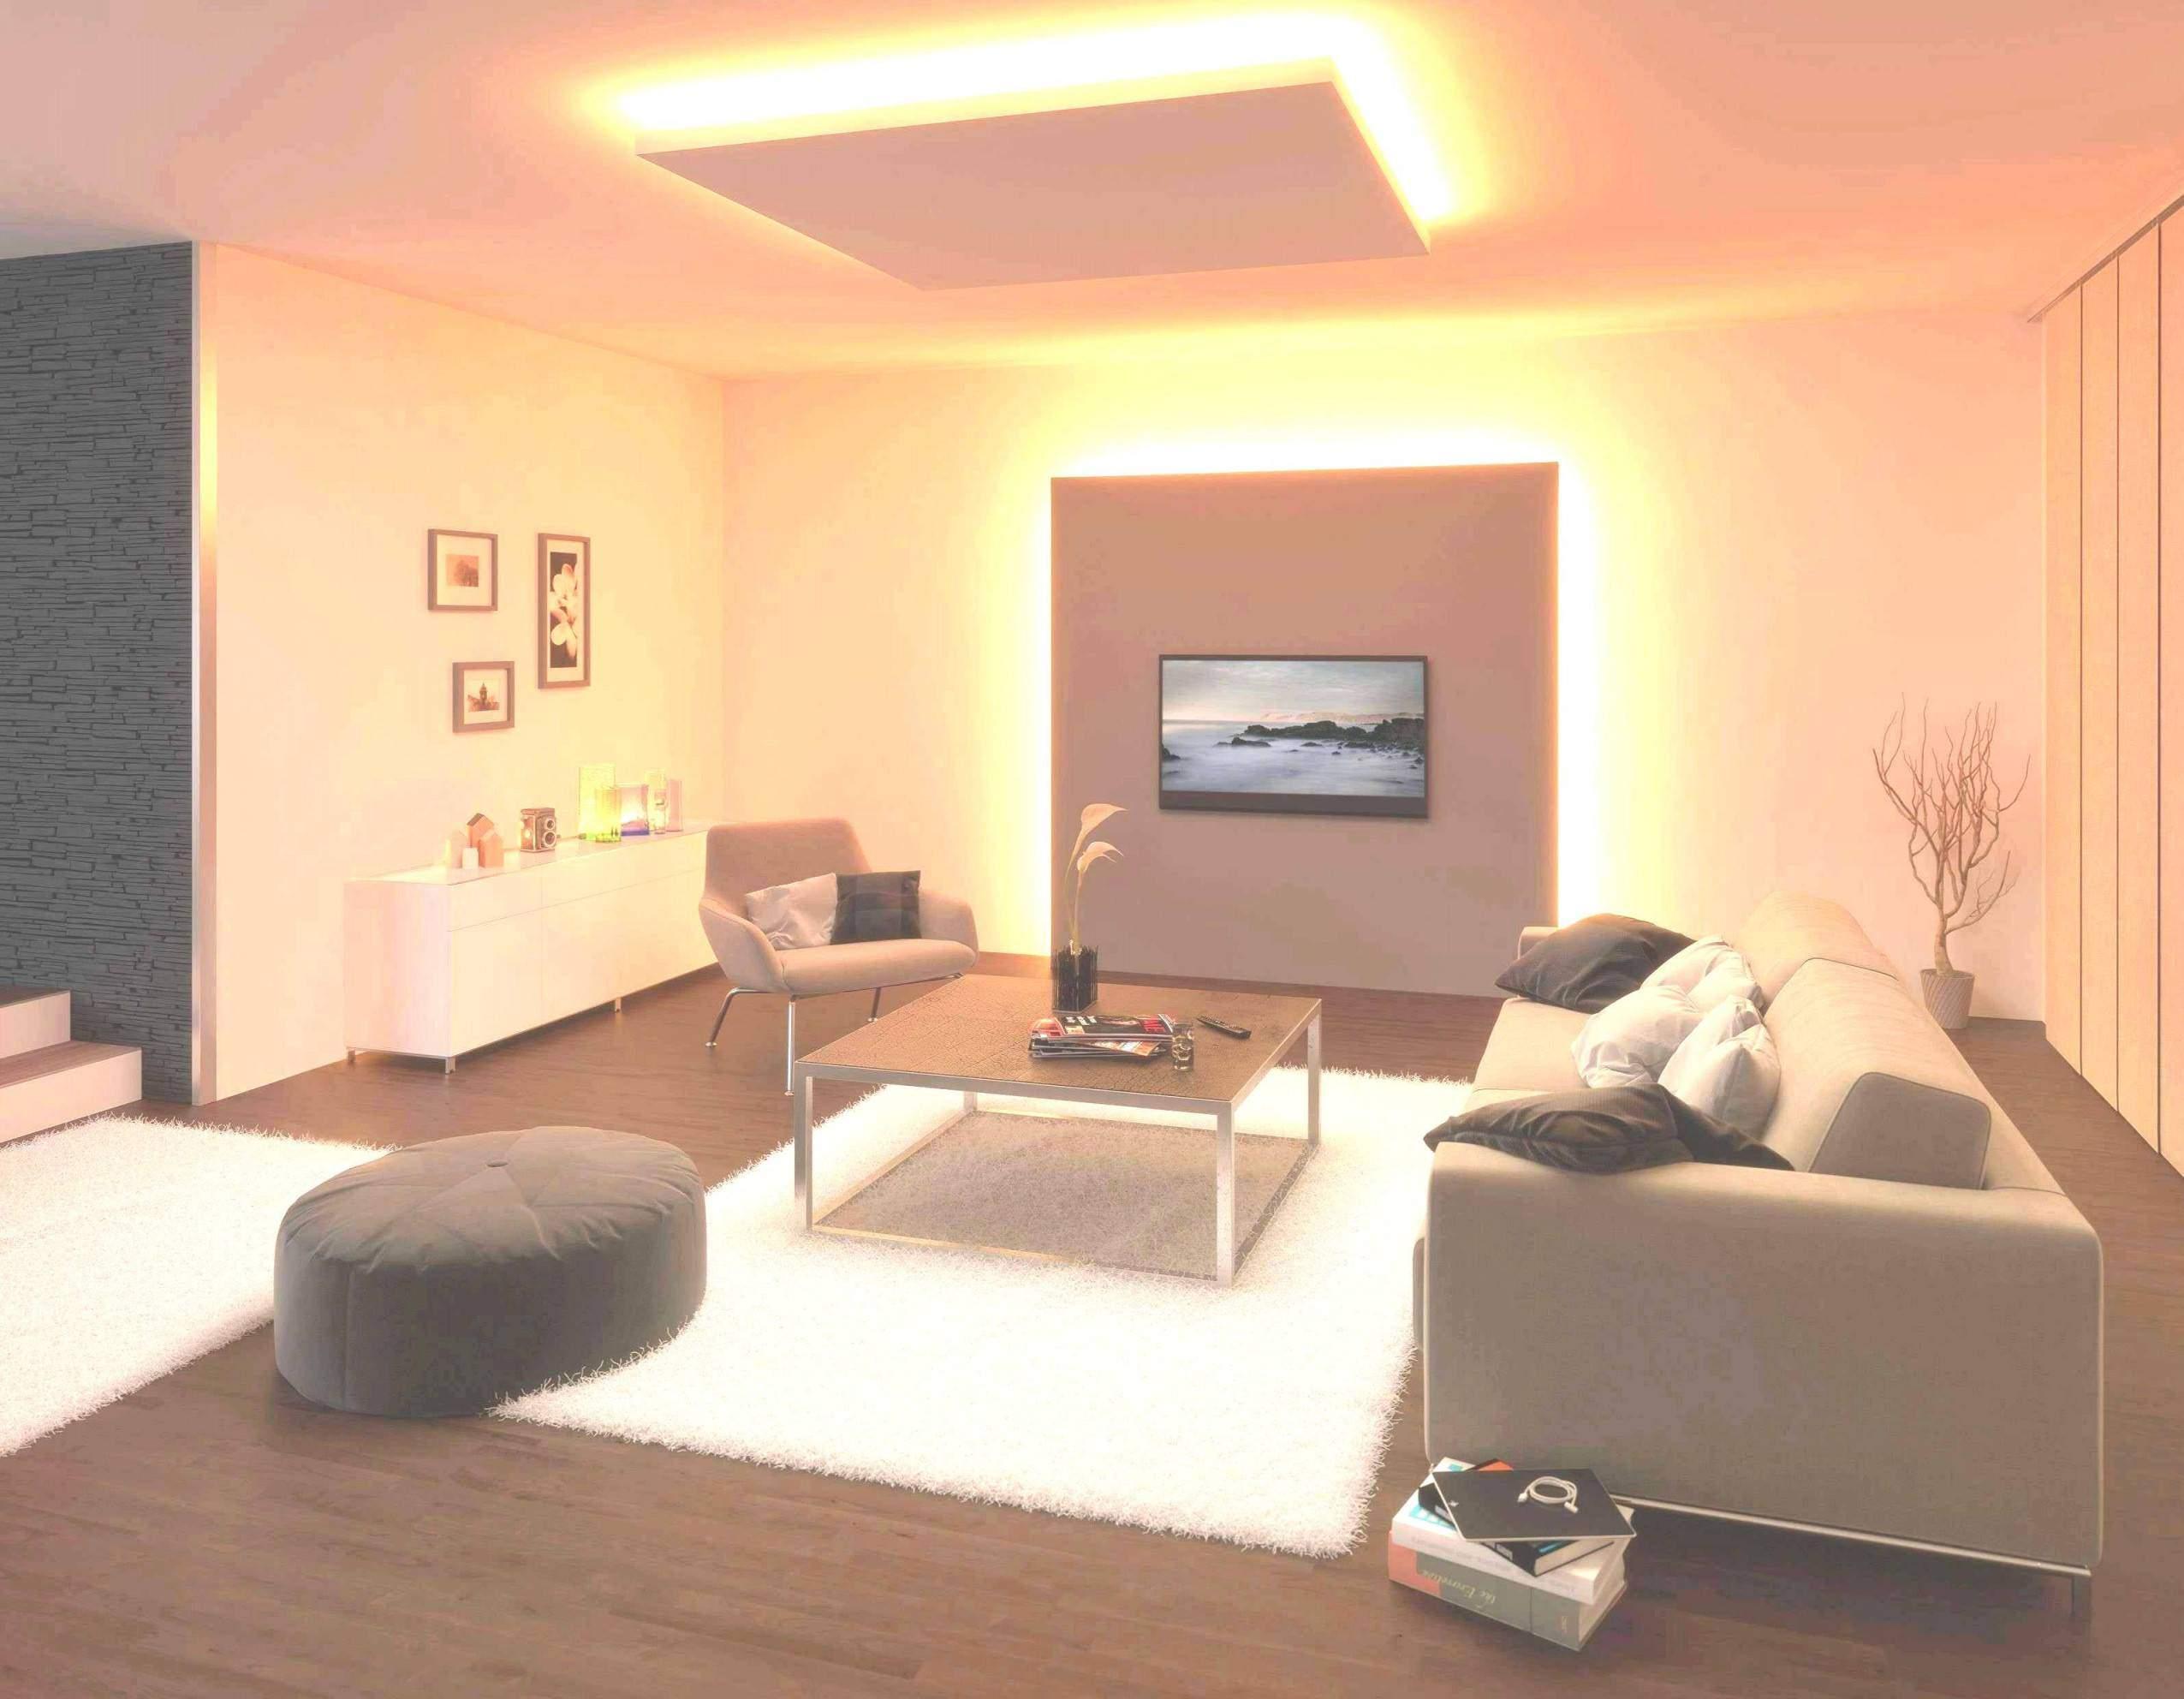 Full Size of Led Wohnzimmer Lampe Amazon Dimmbar Per Schalter Wohnzimmerlampe Rund Flackert Mit Fernbedienung E27 Wohnzimmerlampen Farbwechsel Moderne Deckenleuchte Modern Wohnzimmer Led Wohnzimmerlampe